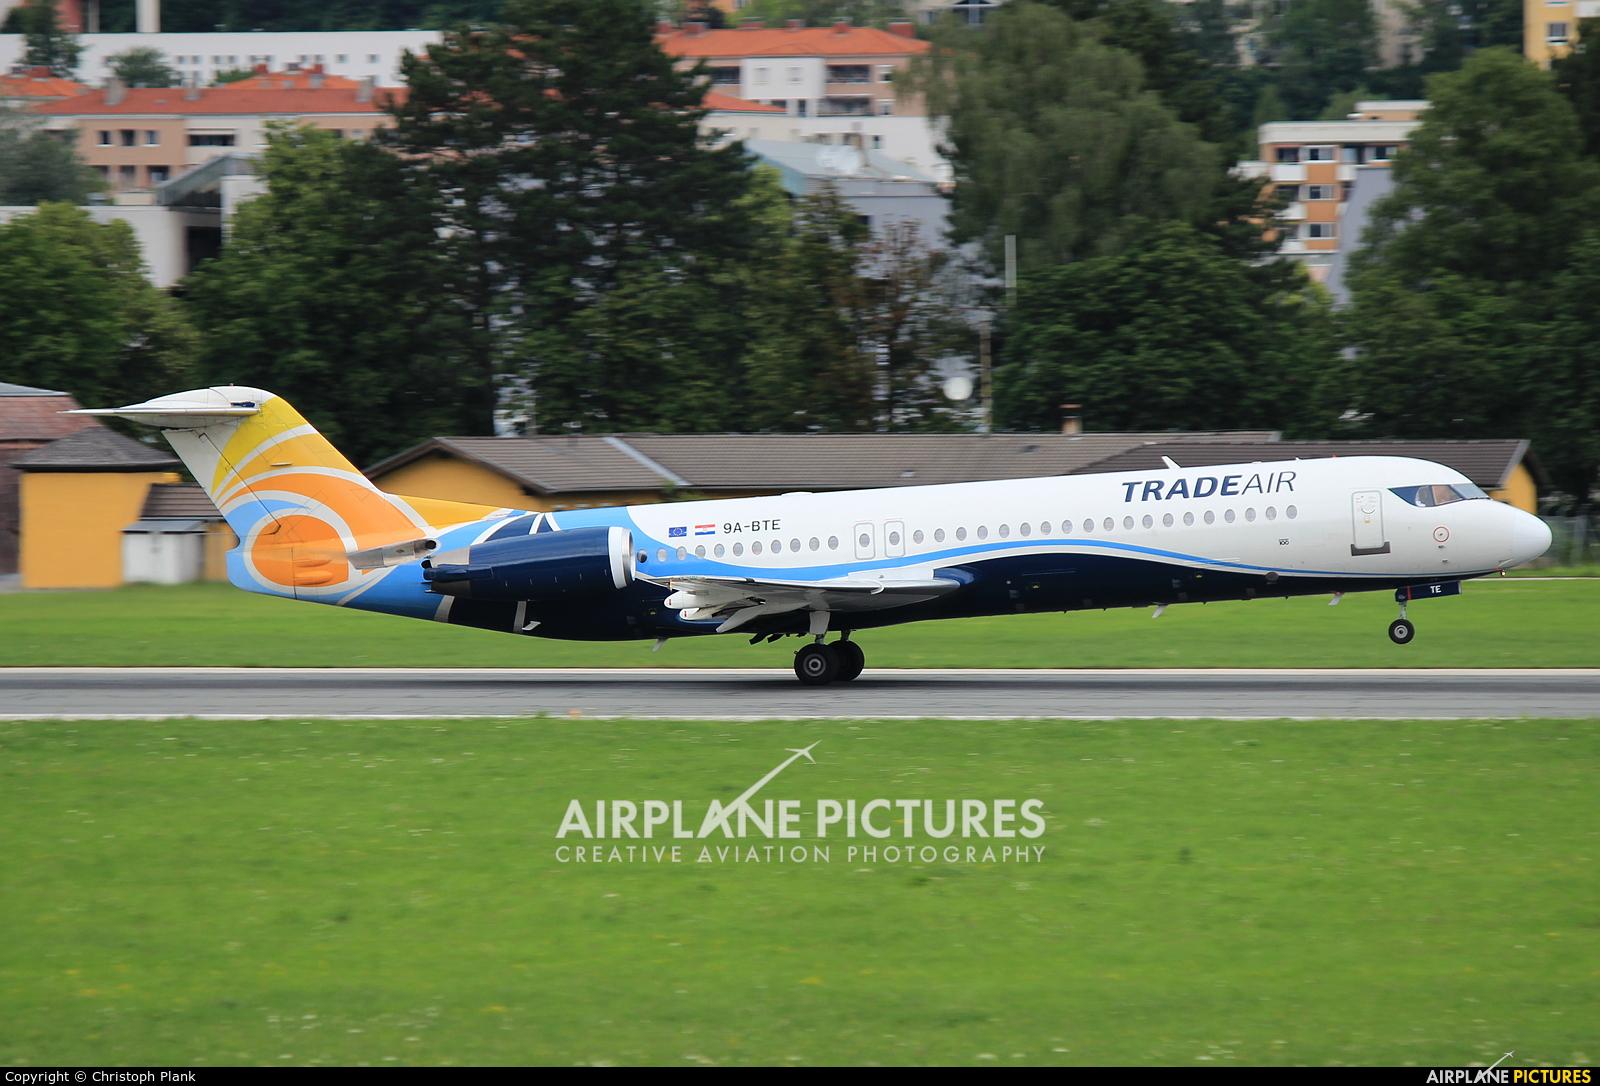 Trade Air 9A-BTE aircraft at Innsbruck